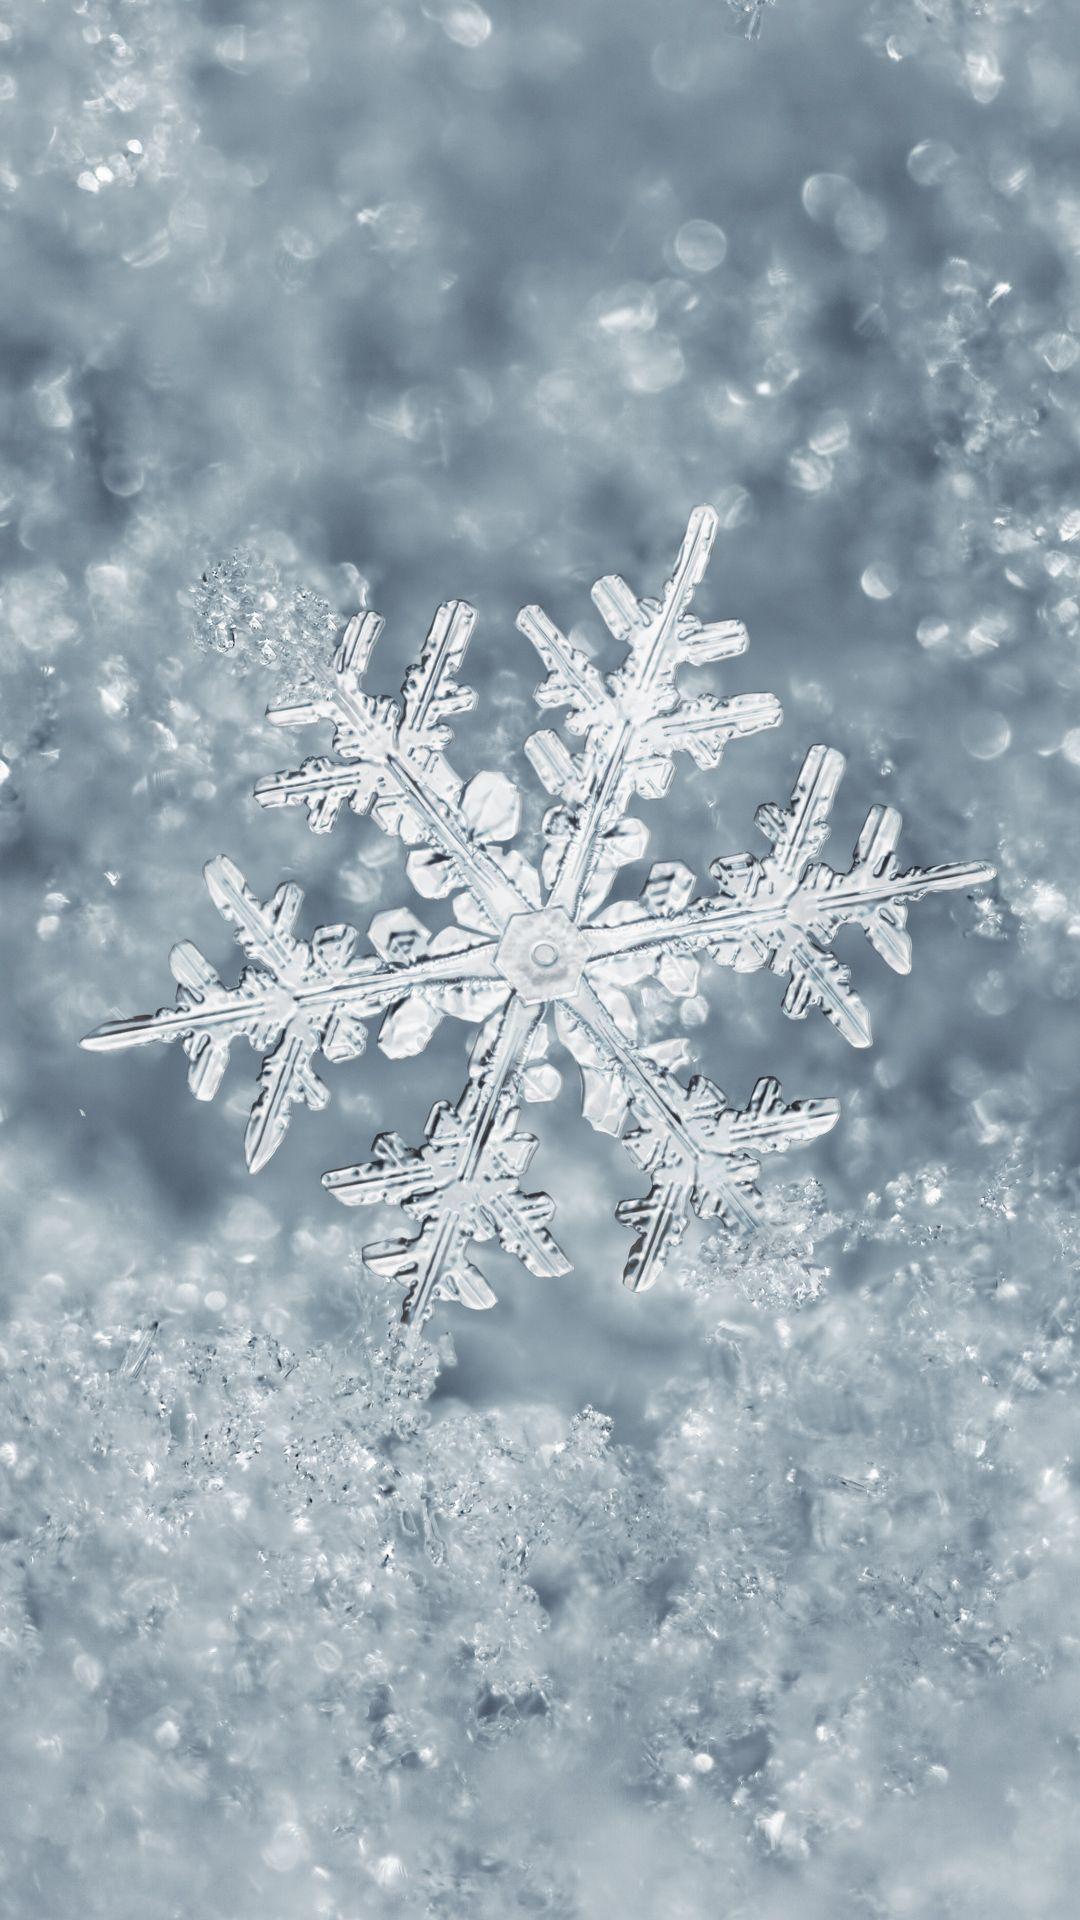 Falling Leaves Wallpaper Blackberry Ice Snowflake Iphone 7 Plus Wallpaper Winter Wallpaper